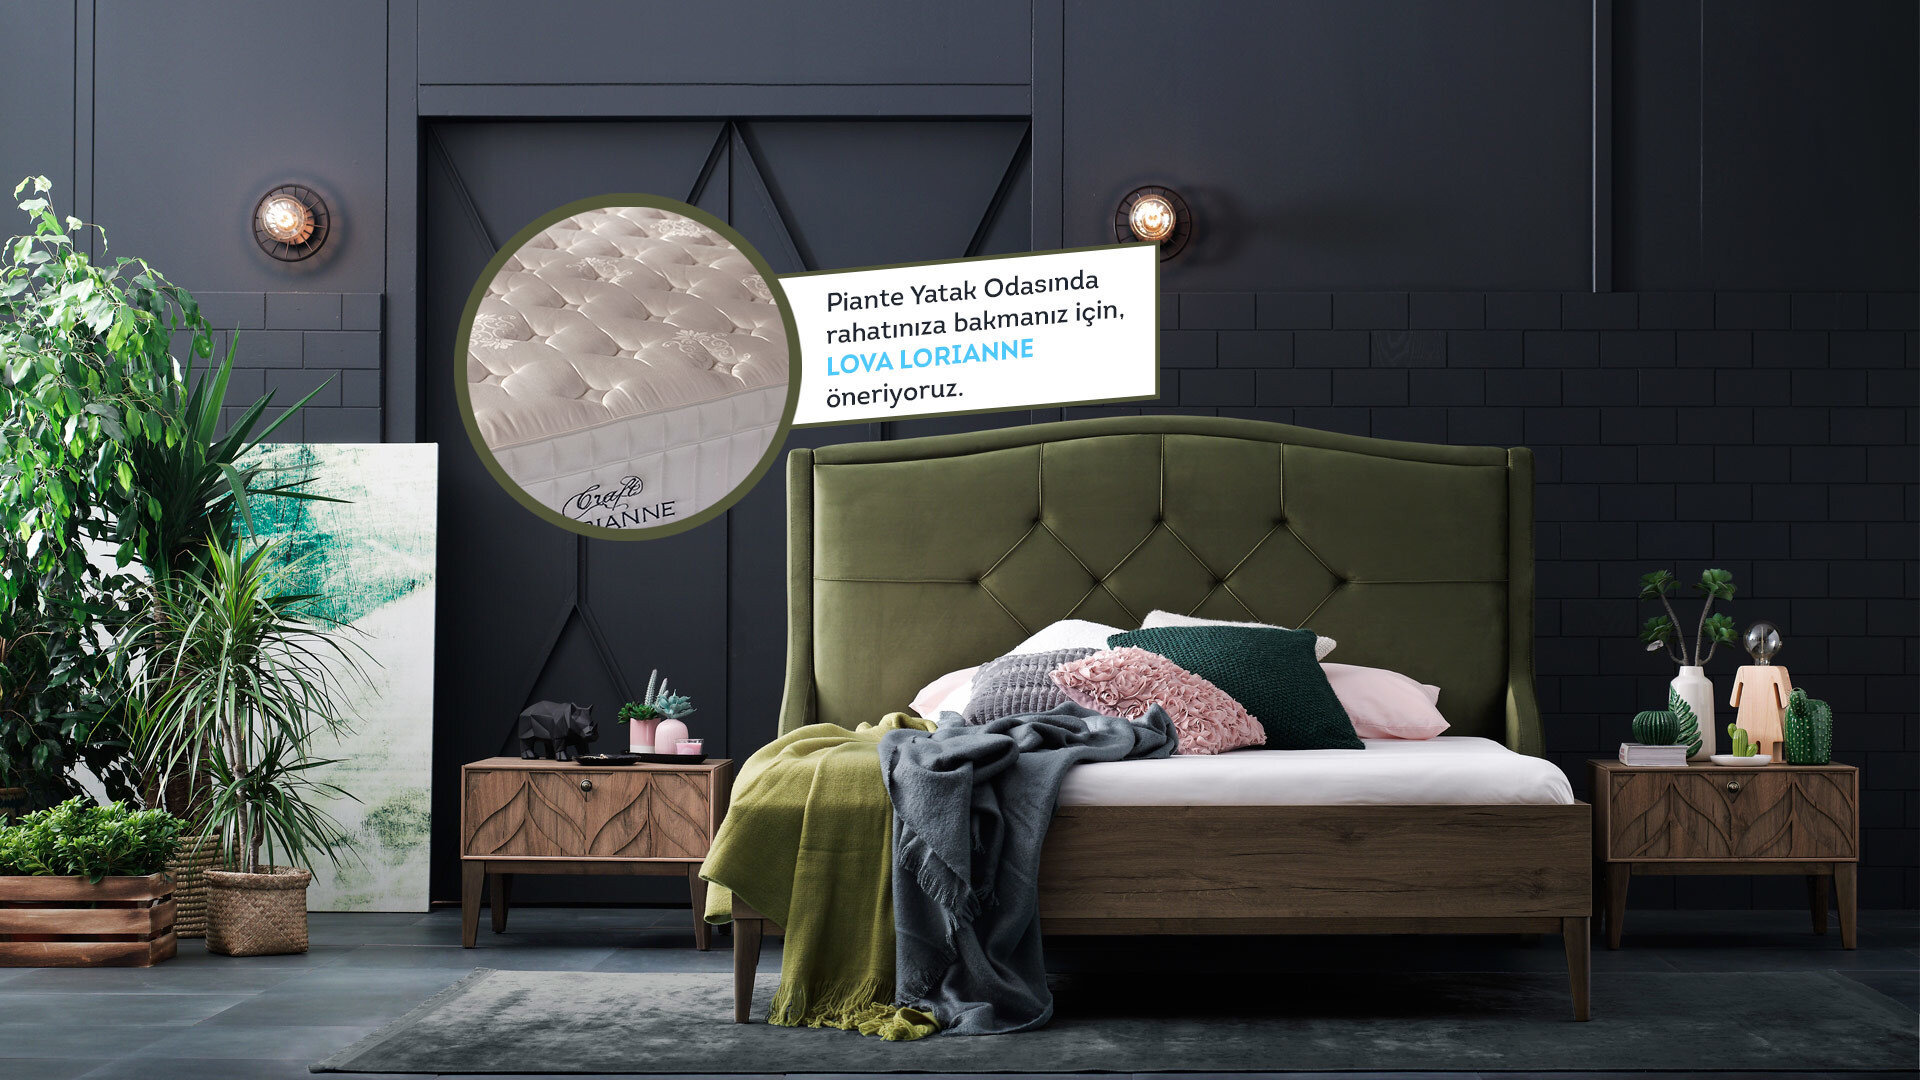 Pıante Yatak Odası